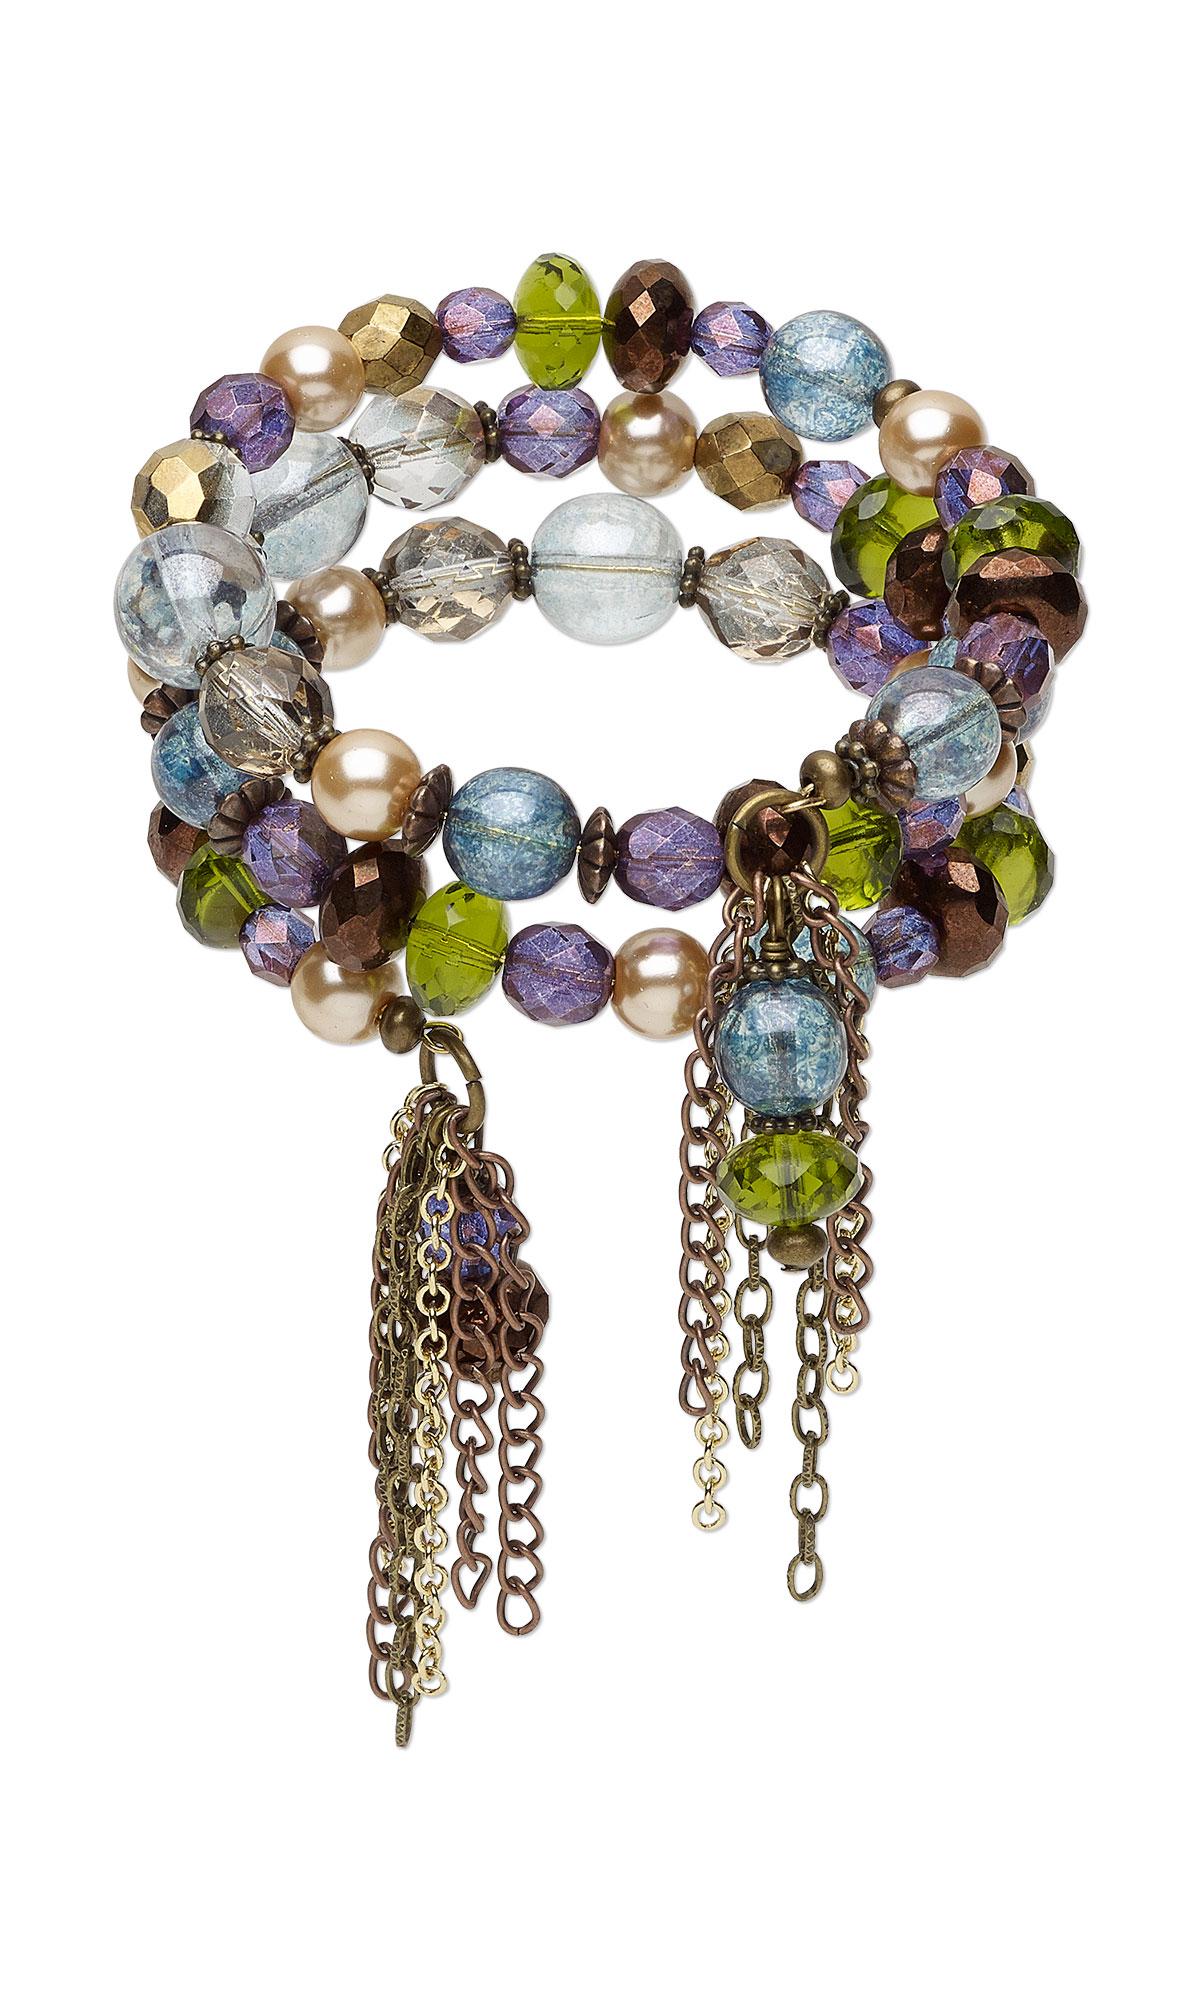 Jewelry Design - Memory Wire Bracelet with Czech Glass Beads ...